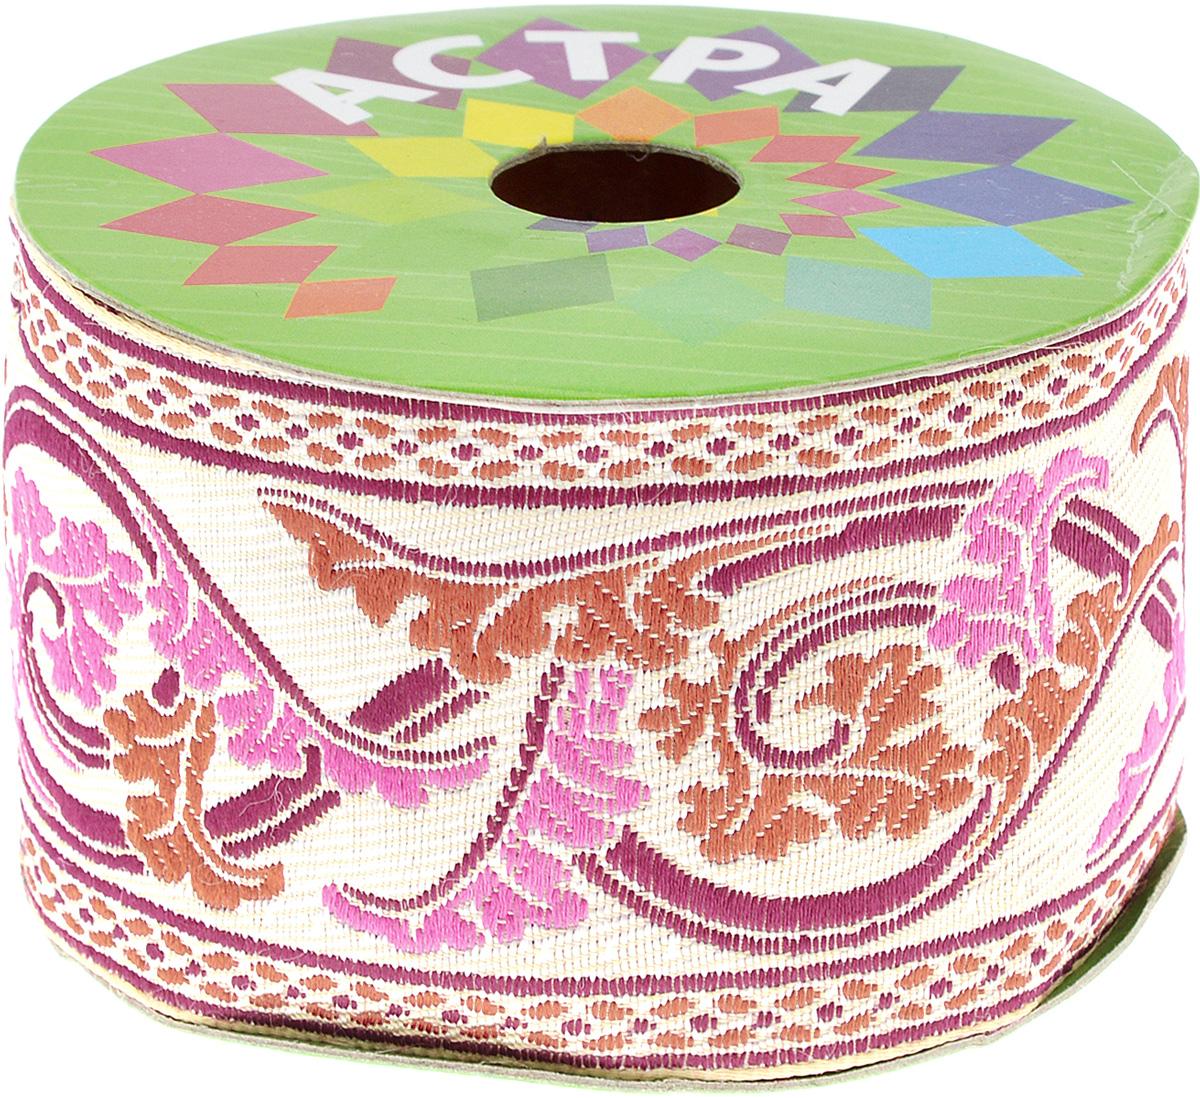 Тесьма декоративная Астра, цвет: бежевый, ширина 6 см, длина 9 м. 77032517703251Декоративная тесьма Астра выполнена из текстиля и оформлена оригинальным жаккардовым орнаментом. Такая тесьма идеально подойдет для оформления различных творческих работ таких, как скрапбукинг, аппликация, декор коробок и открыток и многое другое. Тесьма наивысшего качества и практична в использовании. Она станет незаменимым элементом в создании рукотворного шедевра. Ширина: 6 см. Длина: 9 м.